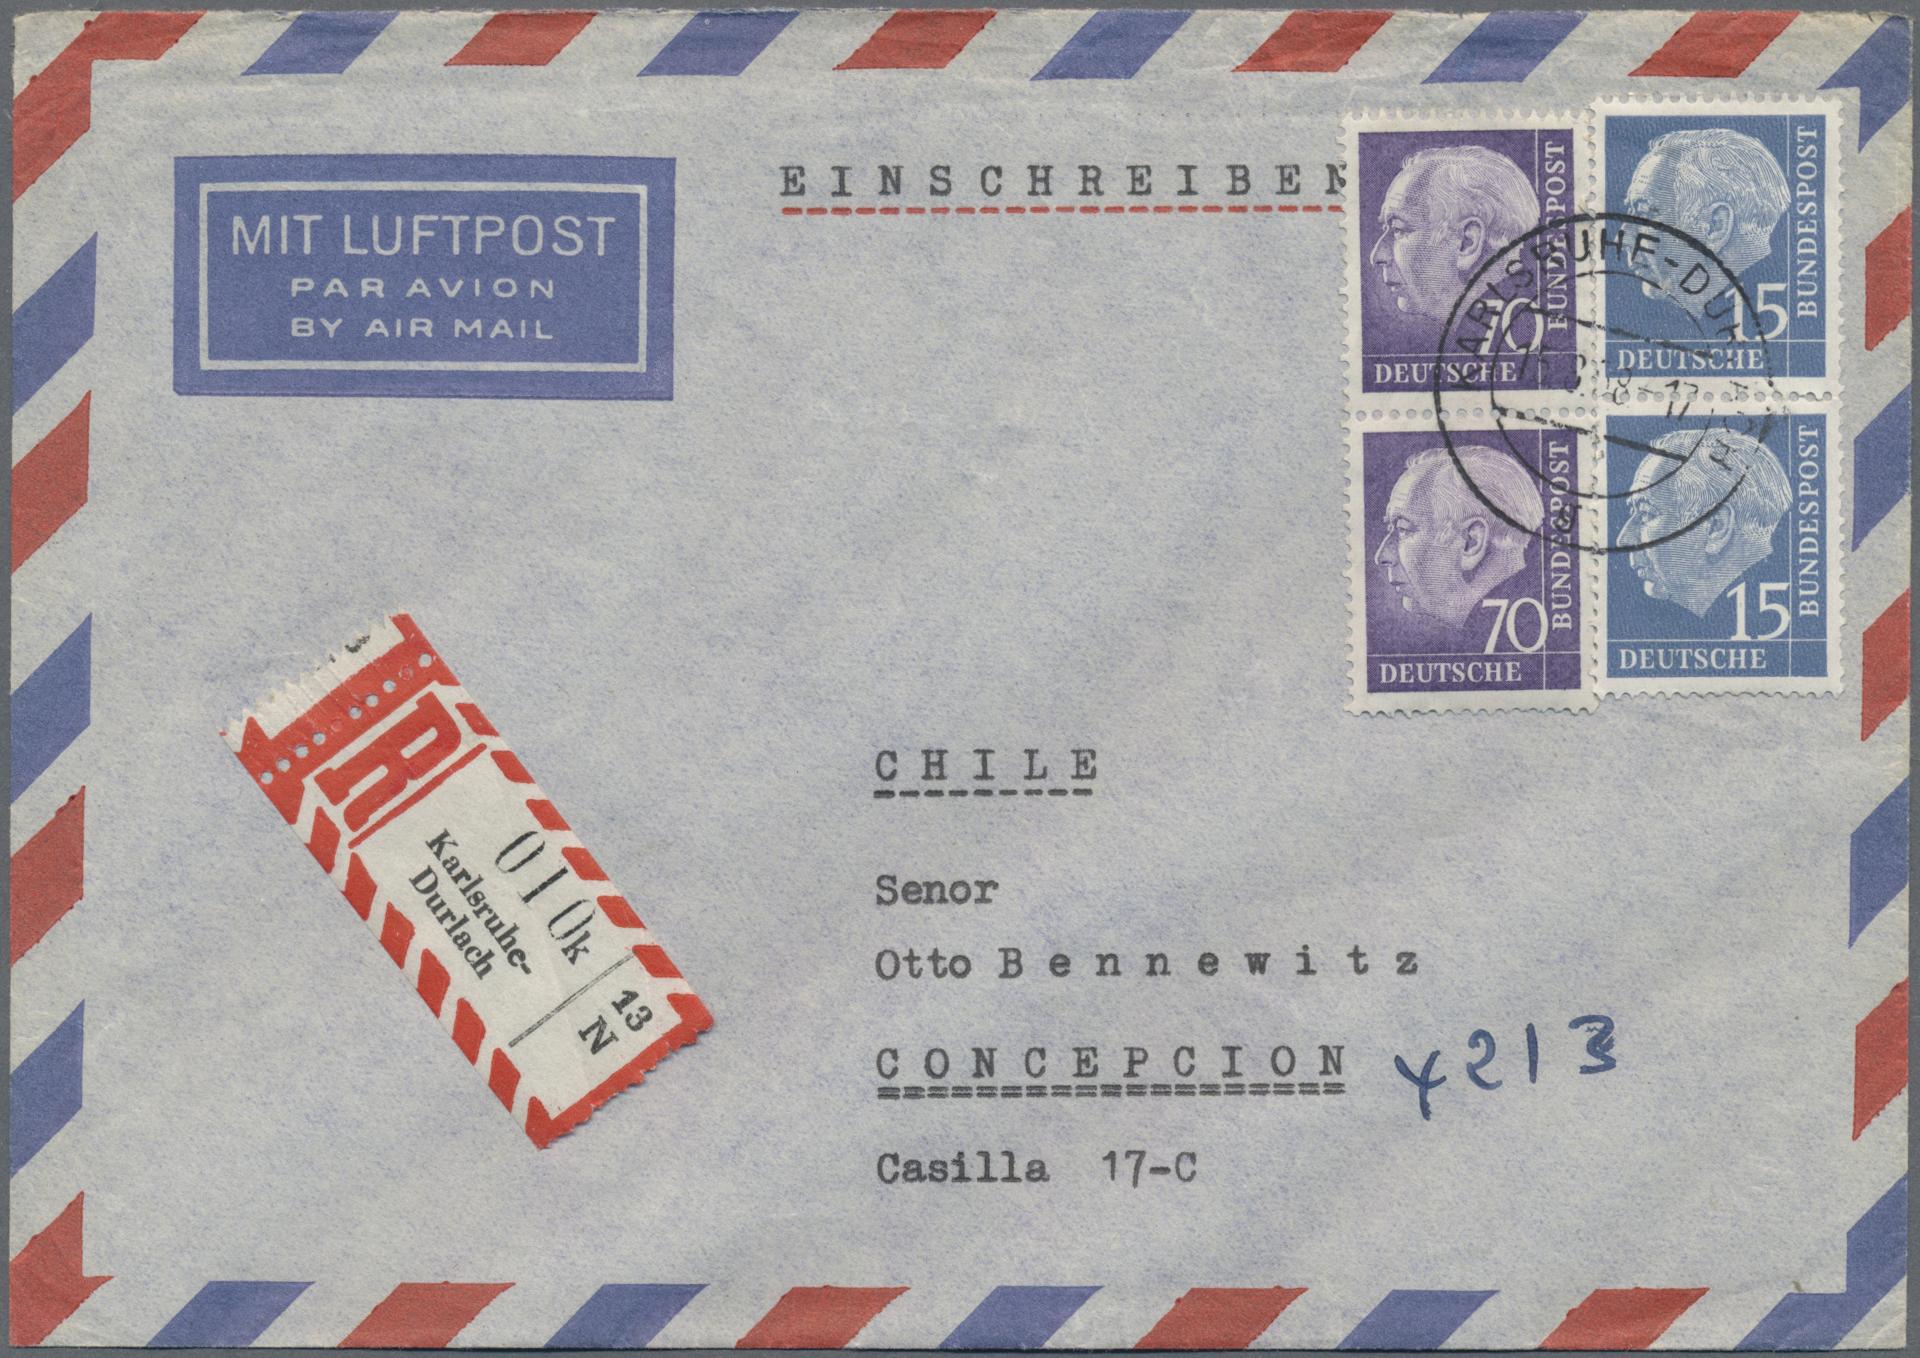 Lot 37550 - bundesrepublik deutschland  -  Auktionshaus Christoph Gärtner GmbH & Co. KG Sale #44 Collections Germany